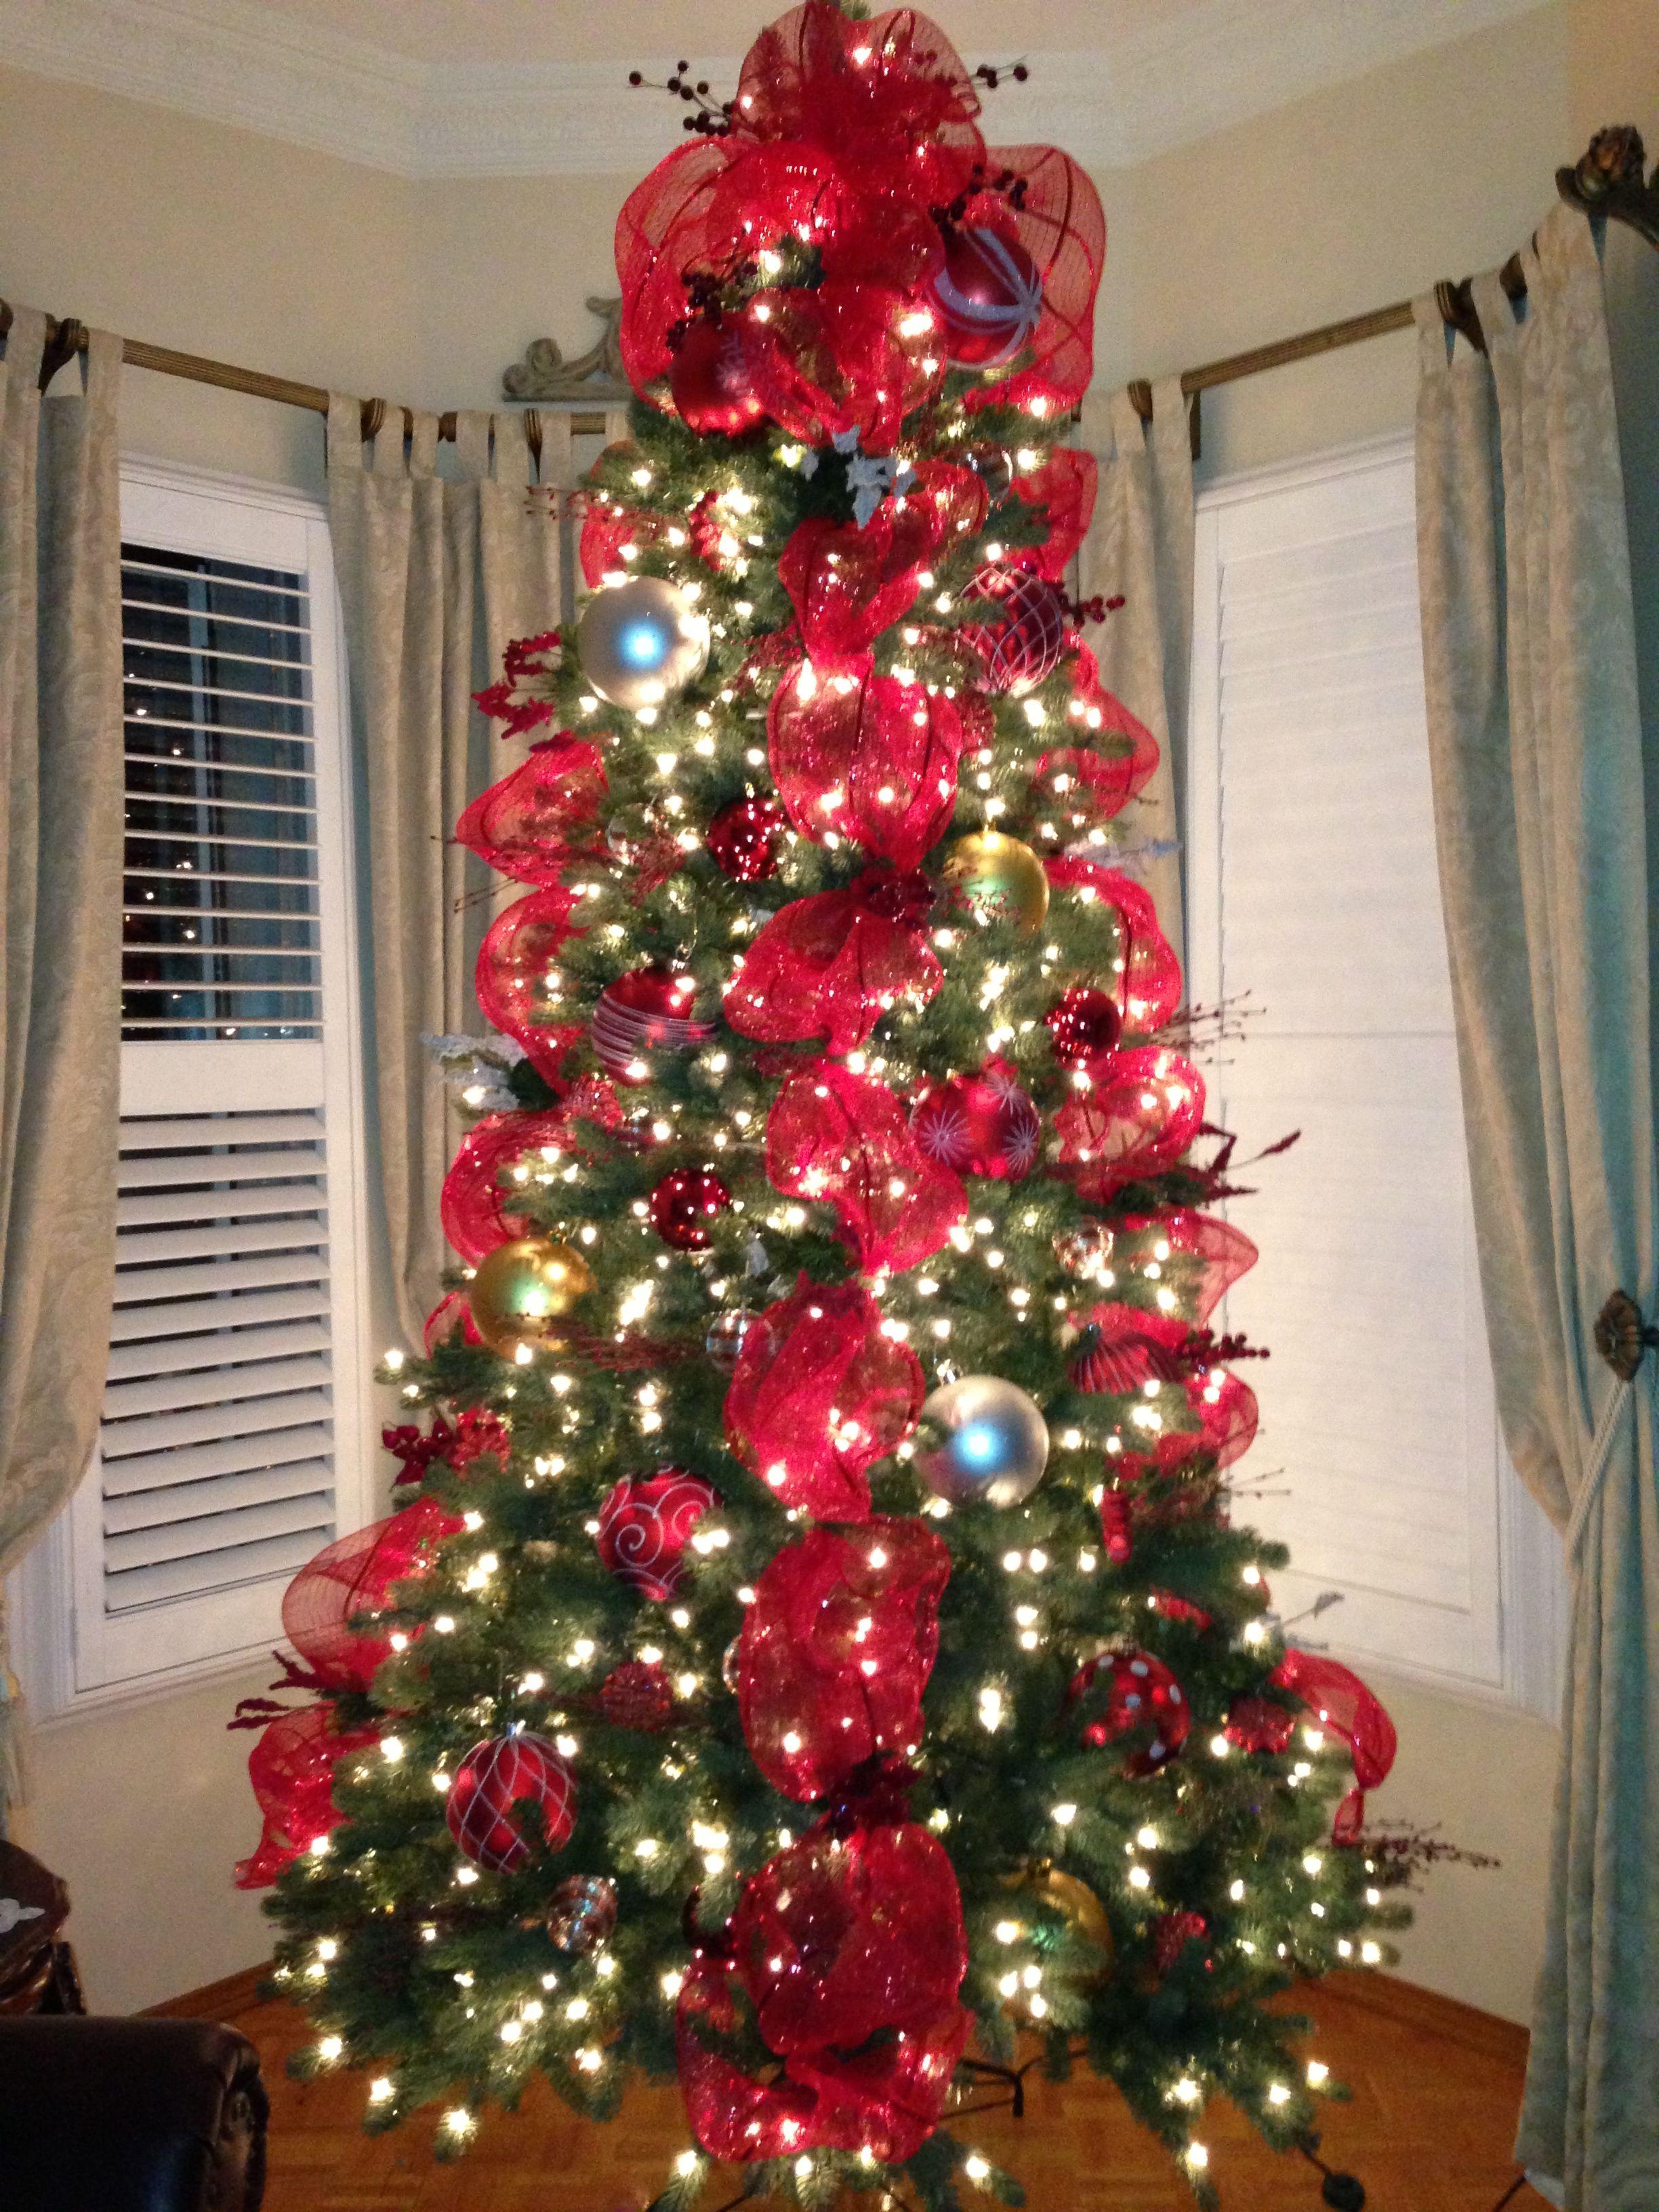 2012 Christmas Tree chez moi